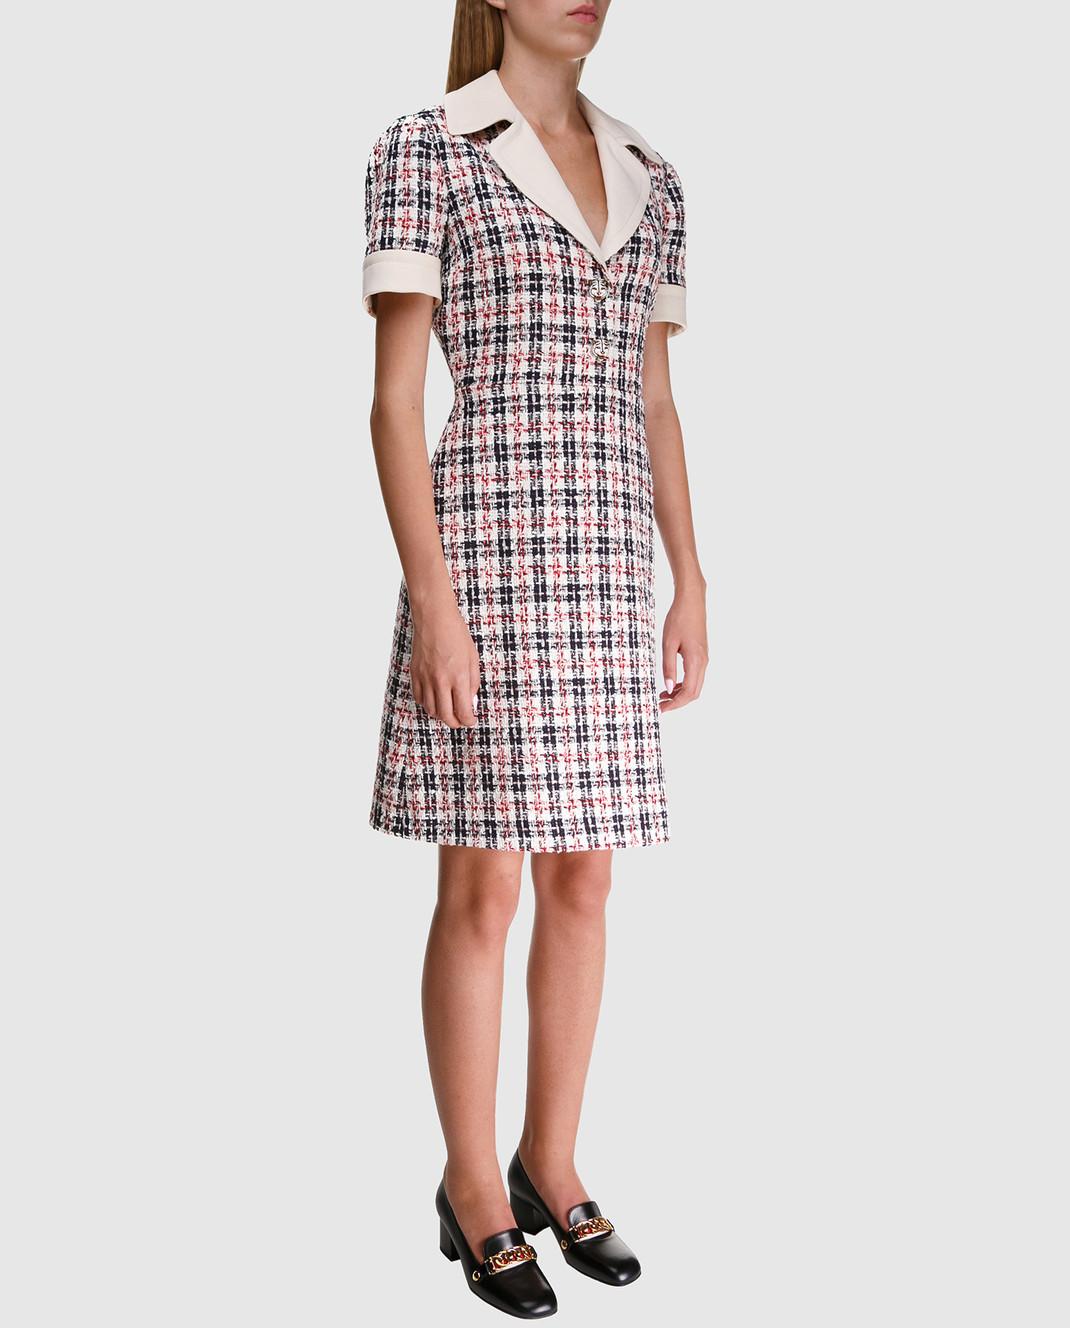 Gucci Твидовое платье 530704 изображение 2